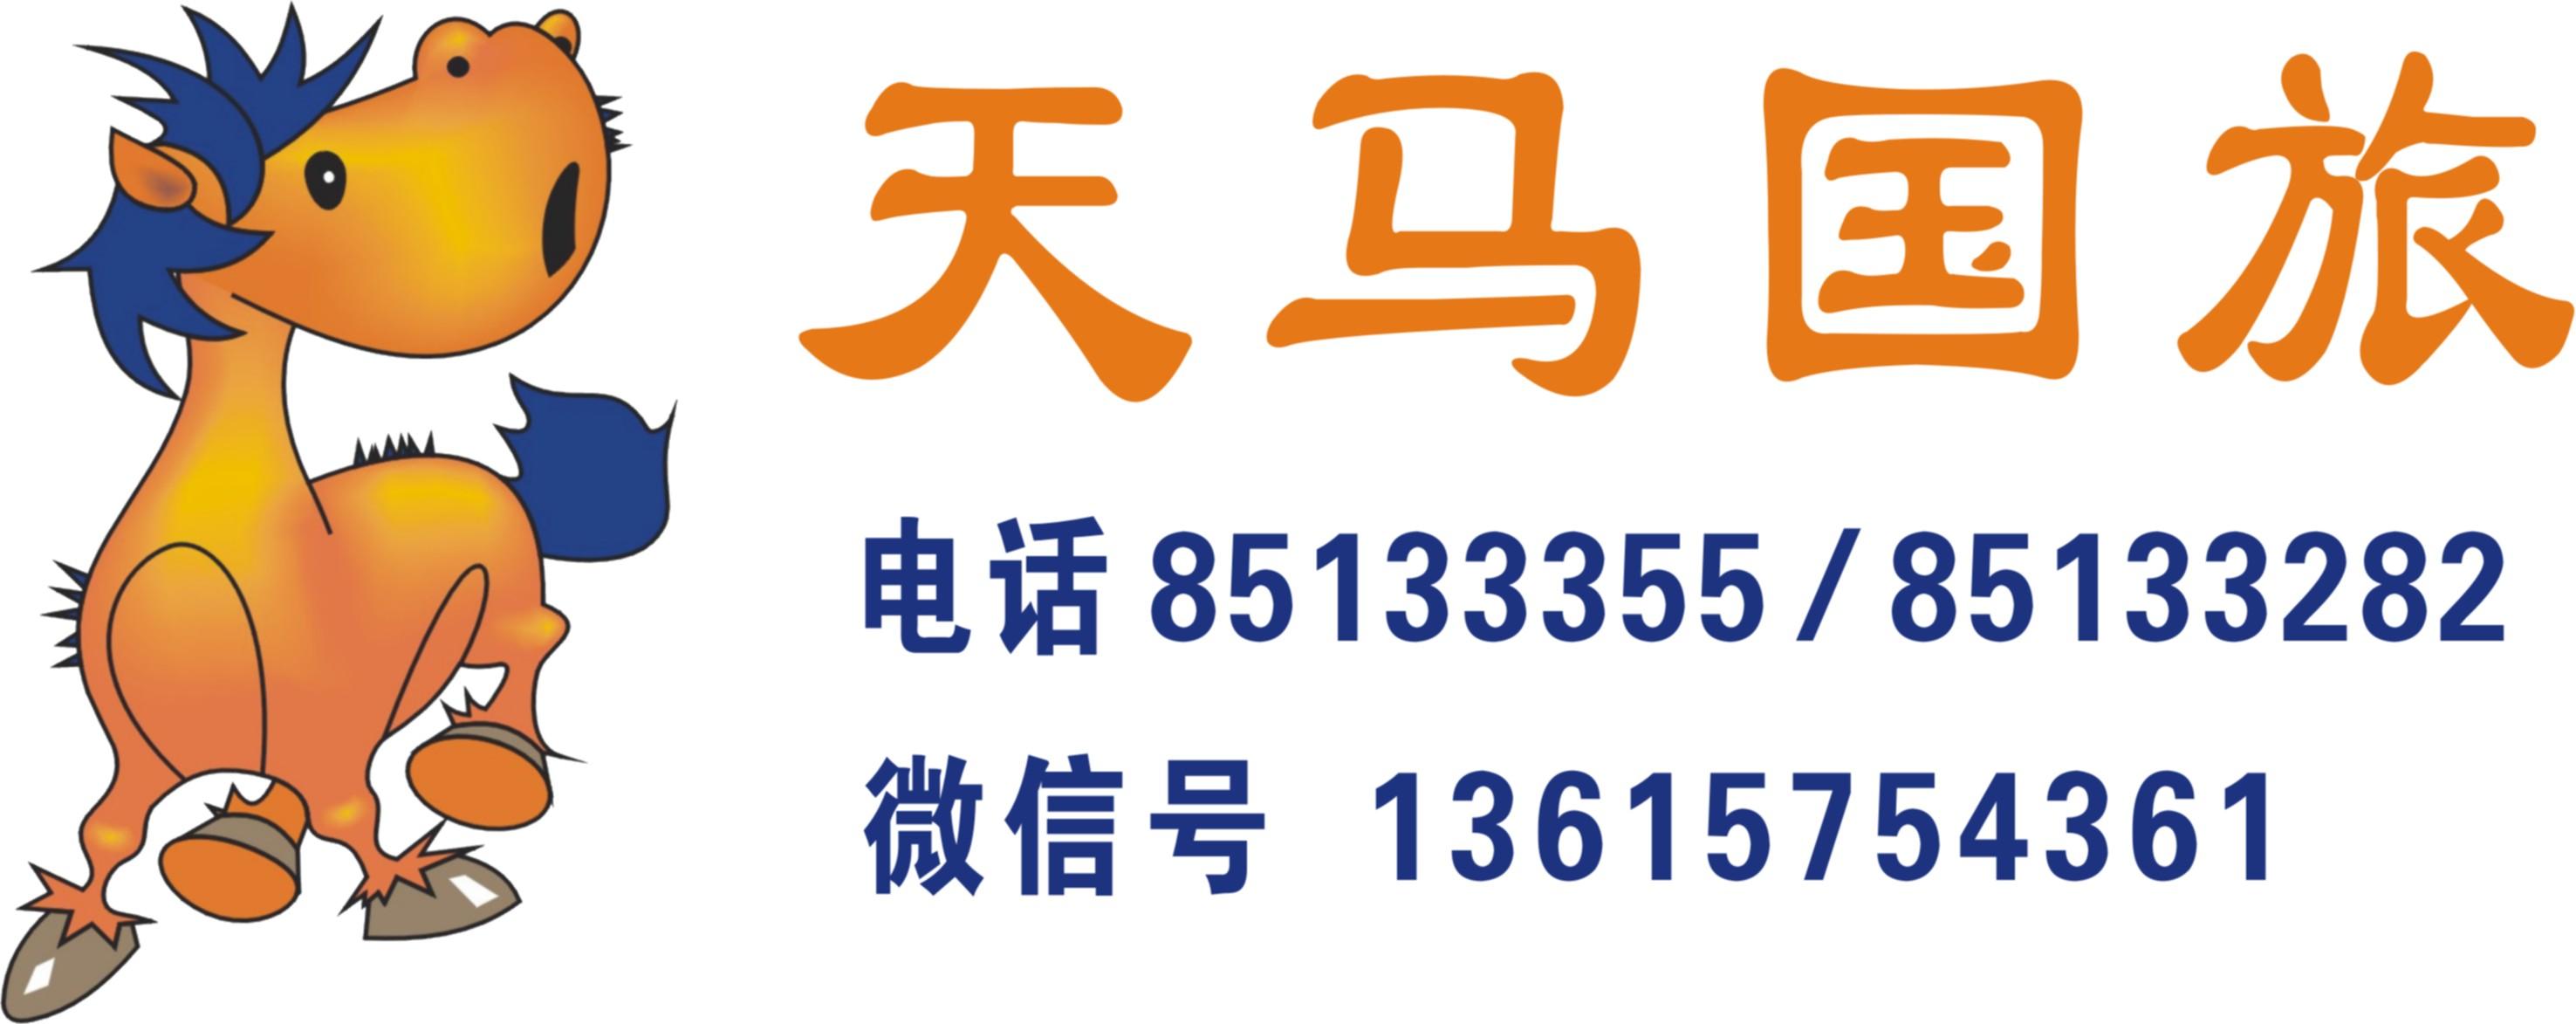 12月【腾时光 腾冲瑞丽芒市龙陵双飞6日】浙江独立班